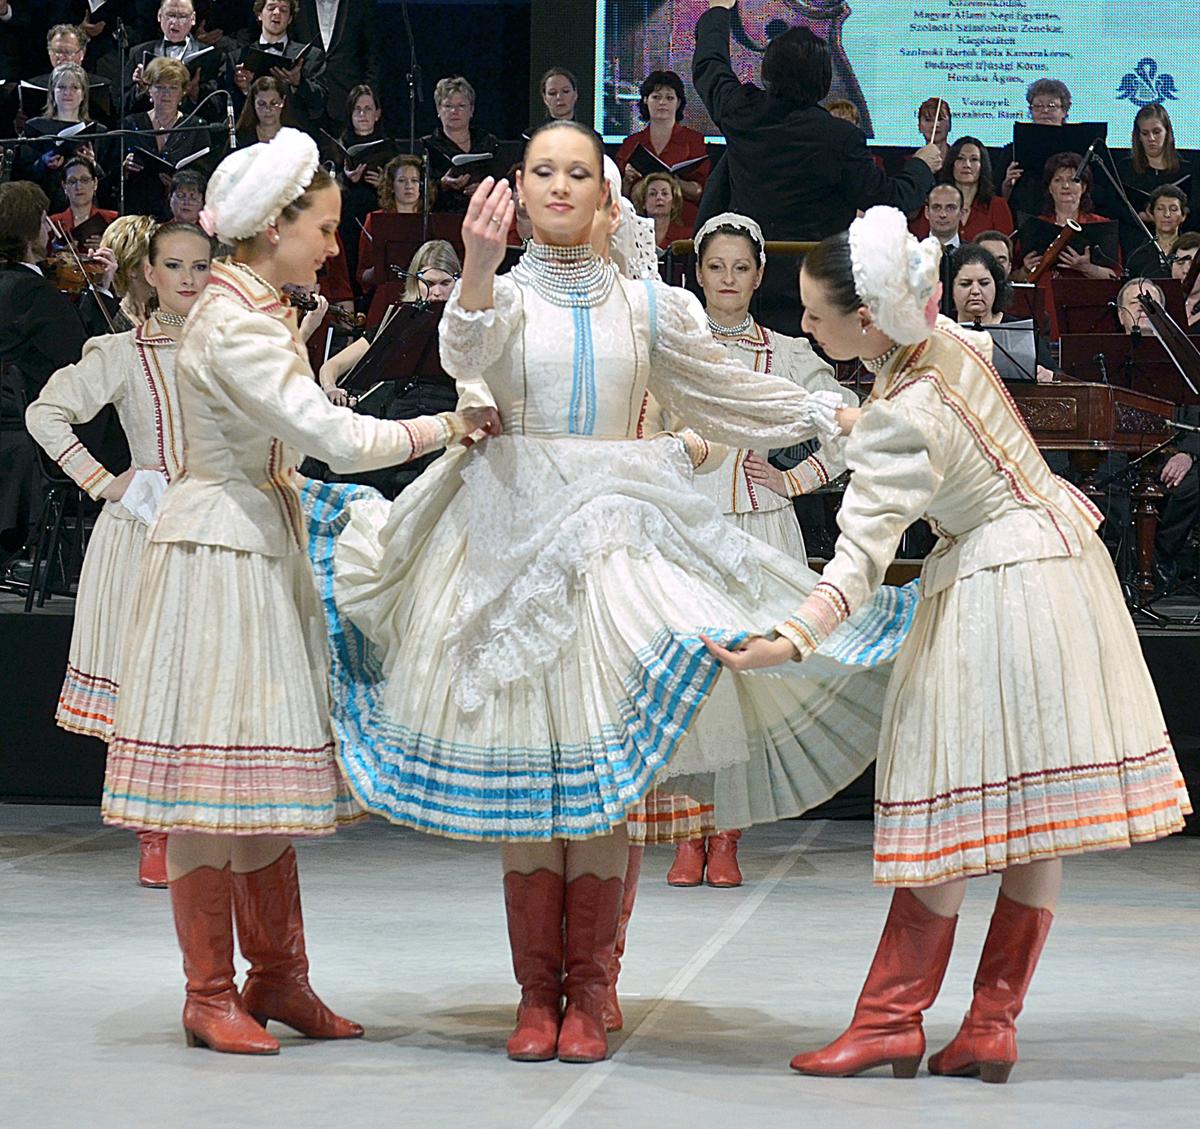 Újévi tánckoncerttel zárul a Kodály-év